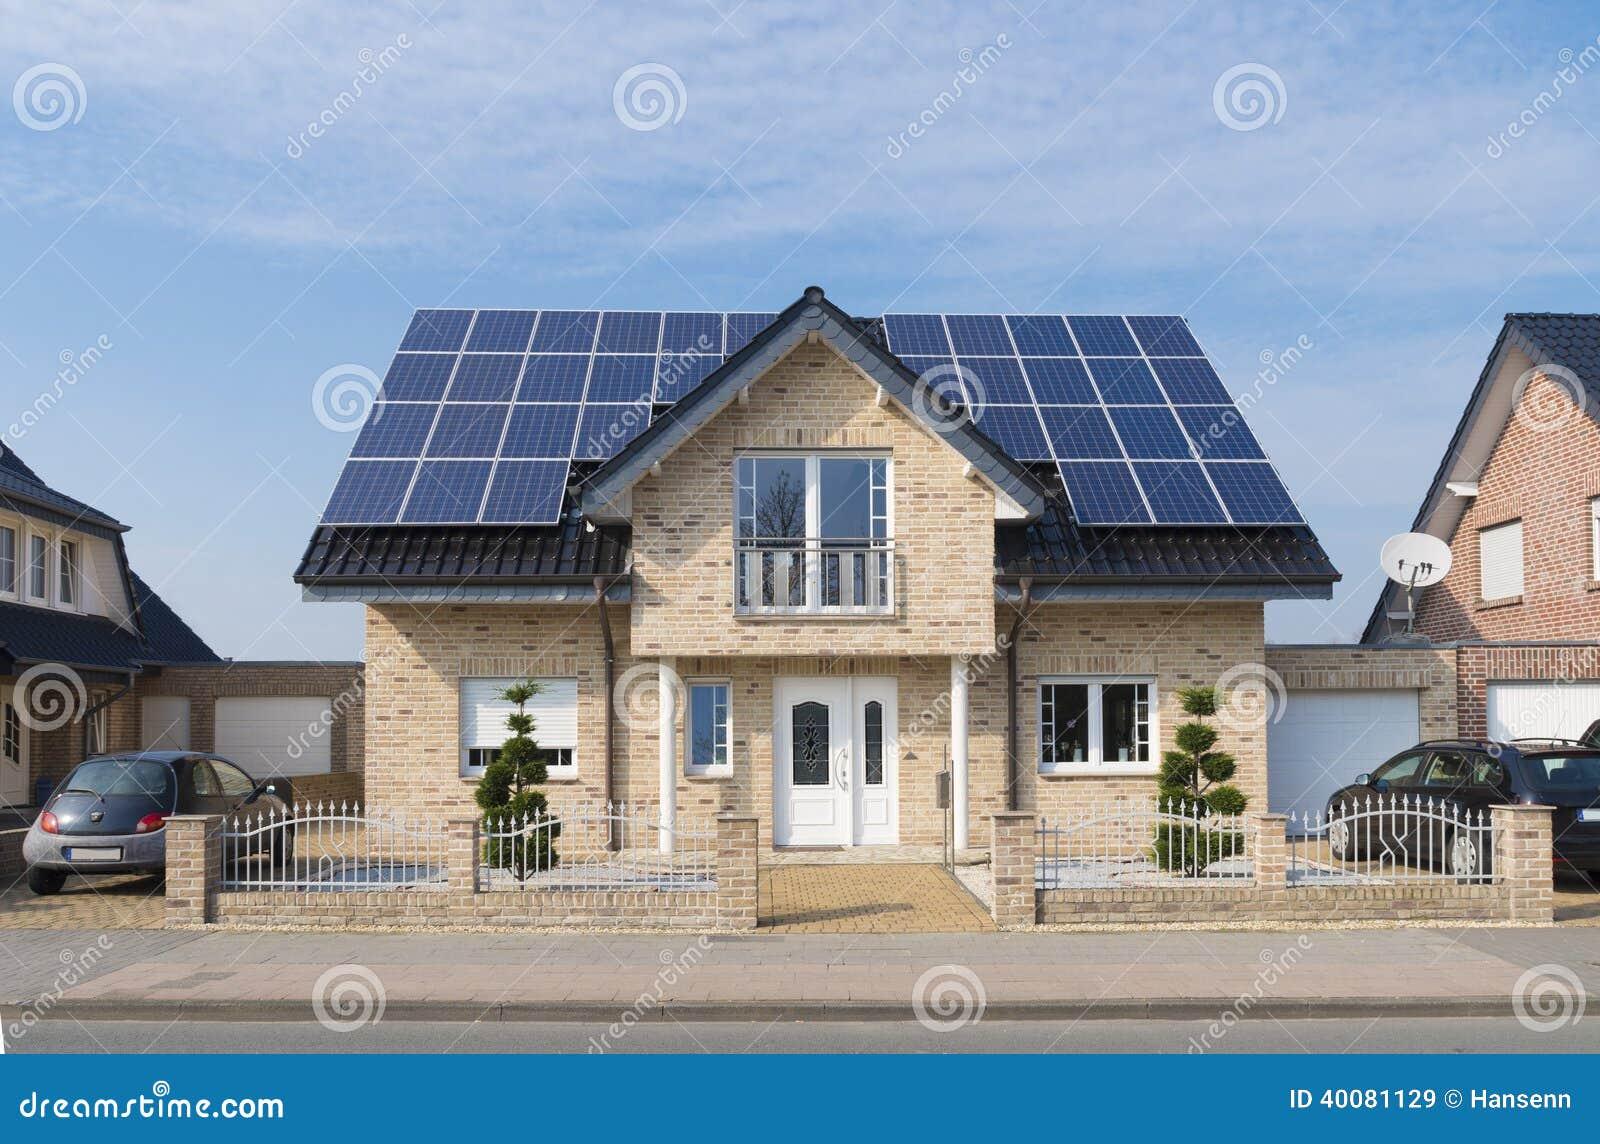 Ηλιακά πλαίσια στη στέγη